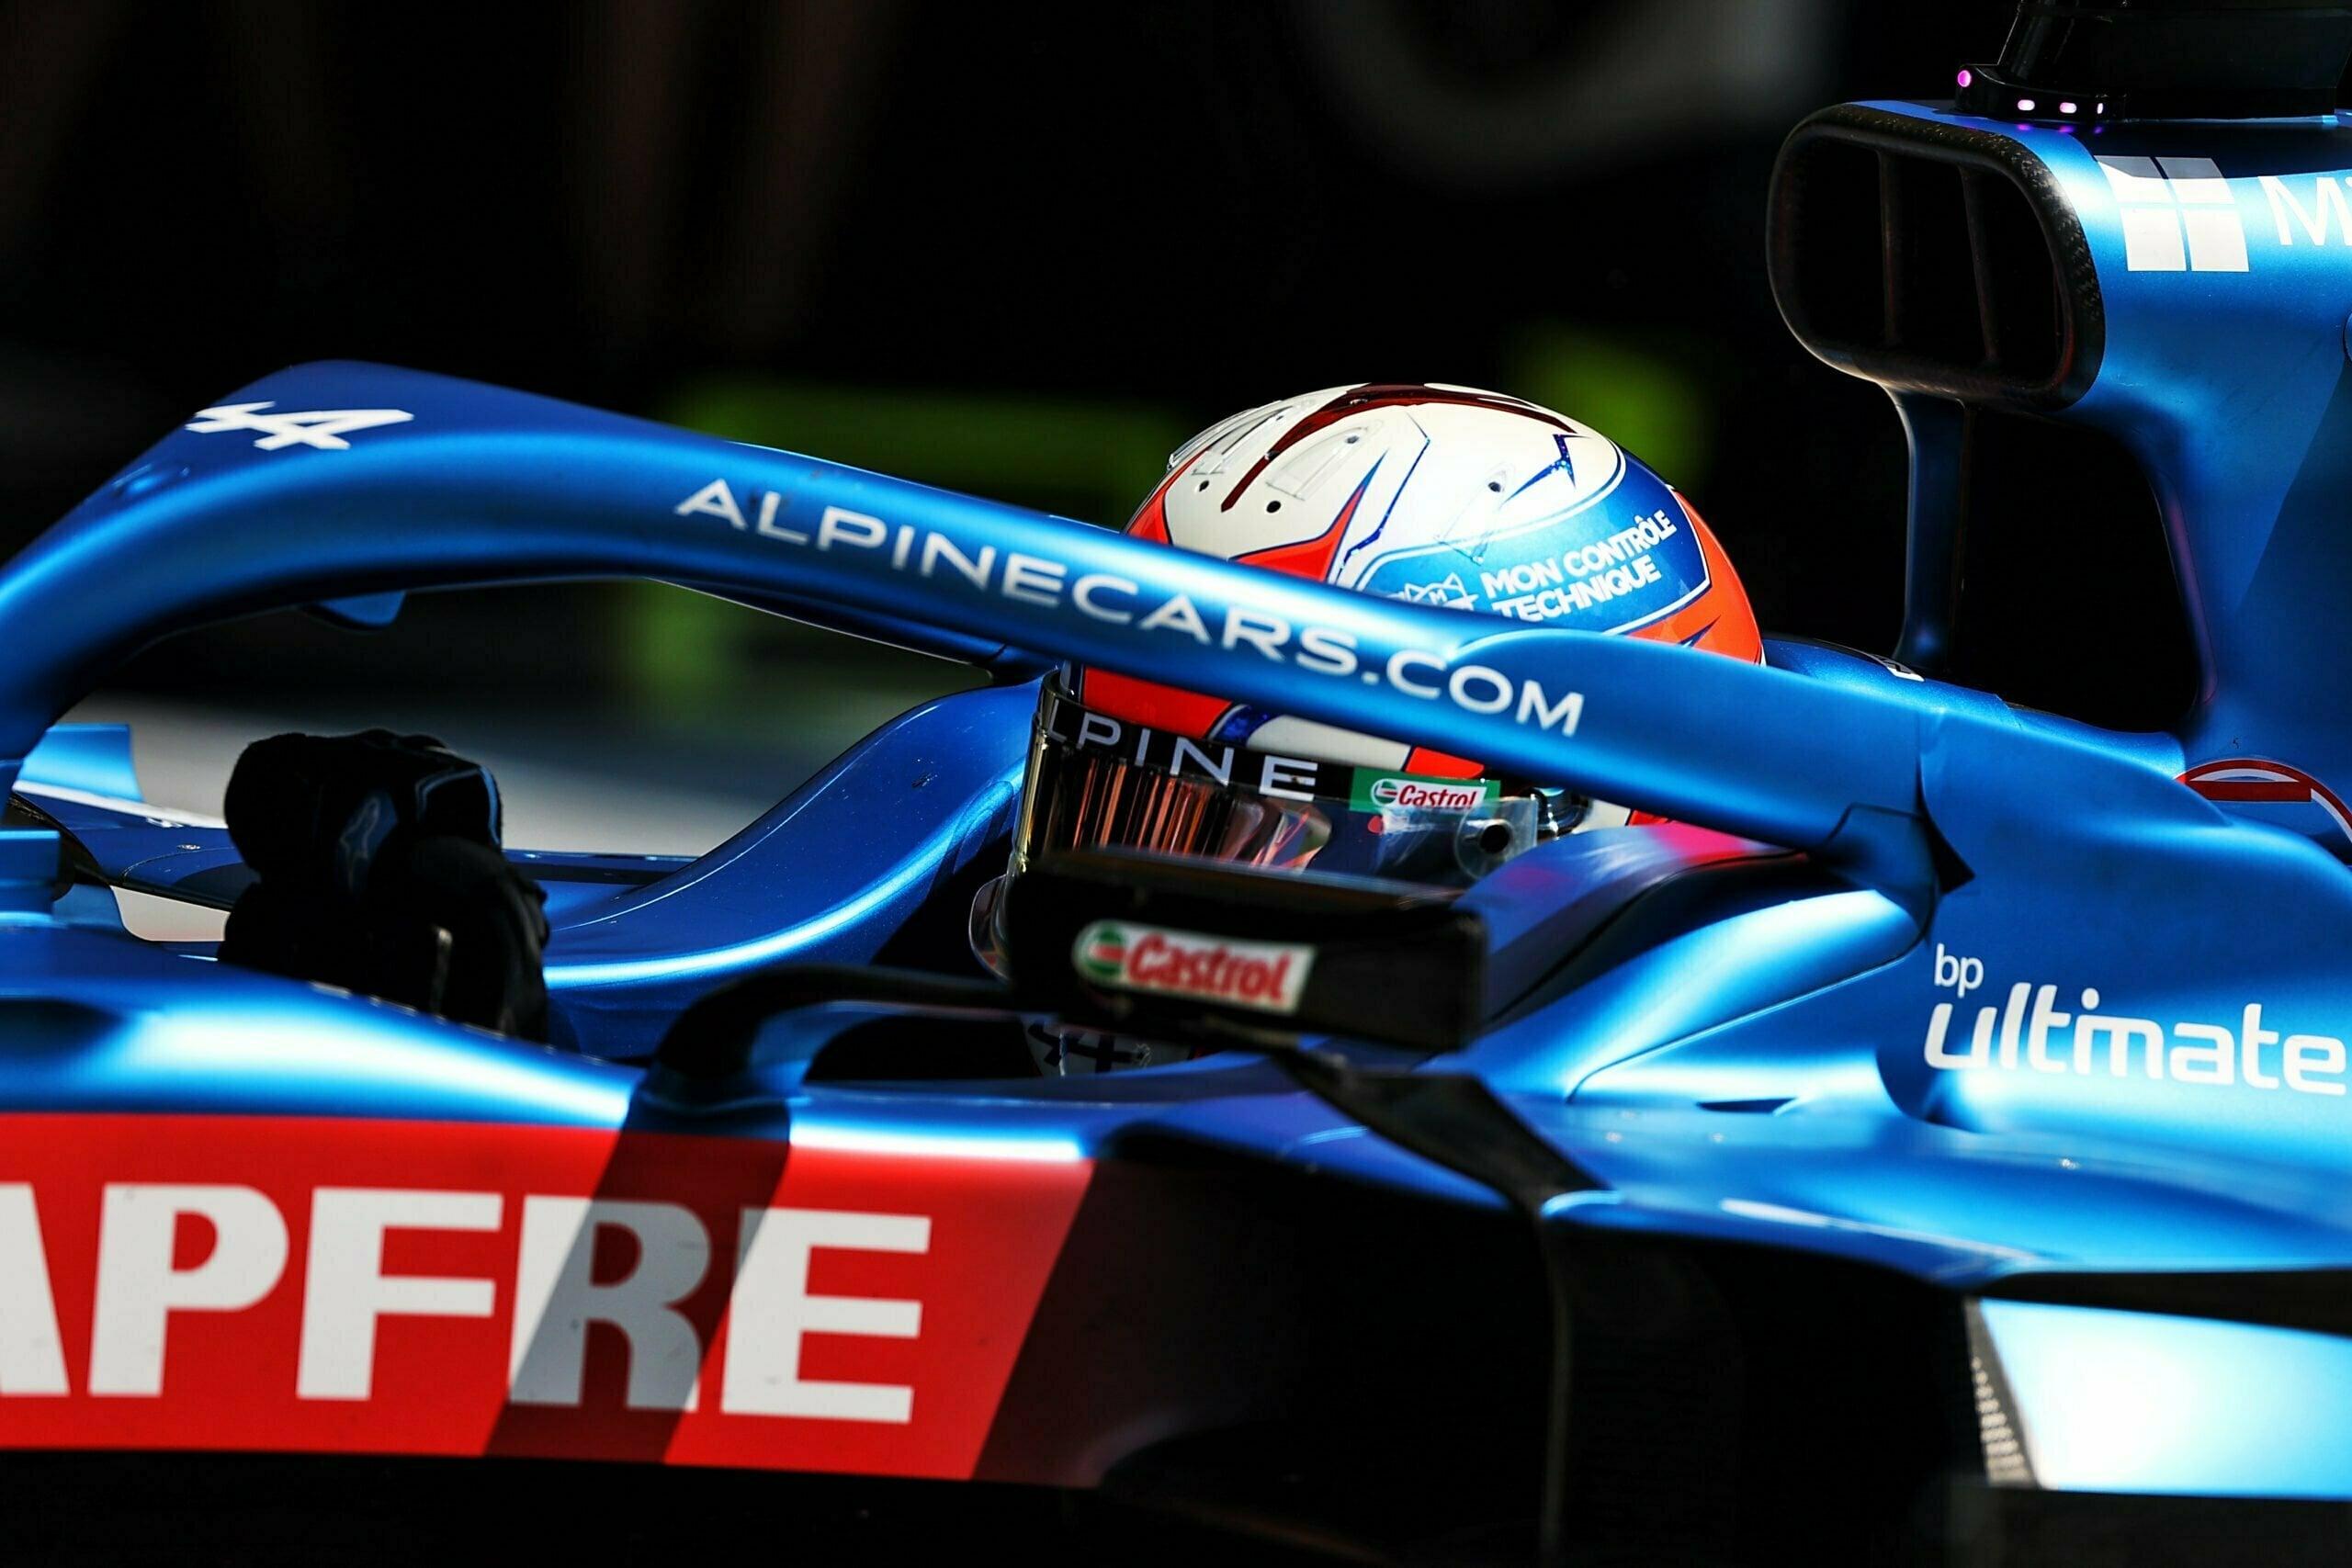 Alpine F1 Team Alonso Ocon Autriche Steiermark Grand Prix Spielberg A521 2021 27 scaled   Alpine F1 : Alonso réitère la Q3 et Ocon trébuche en Q1 à Spielberg